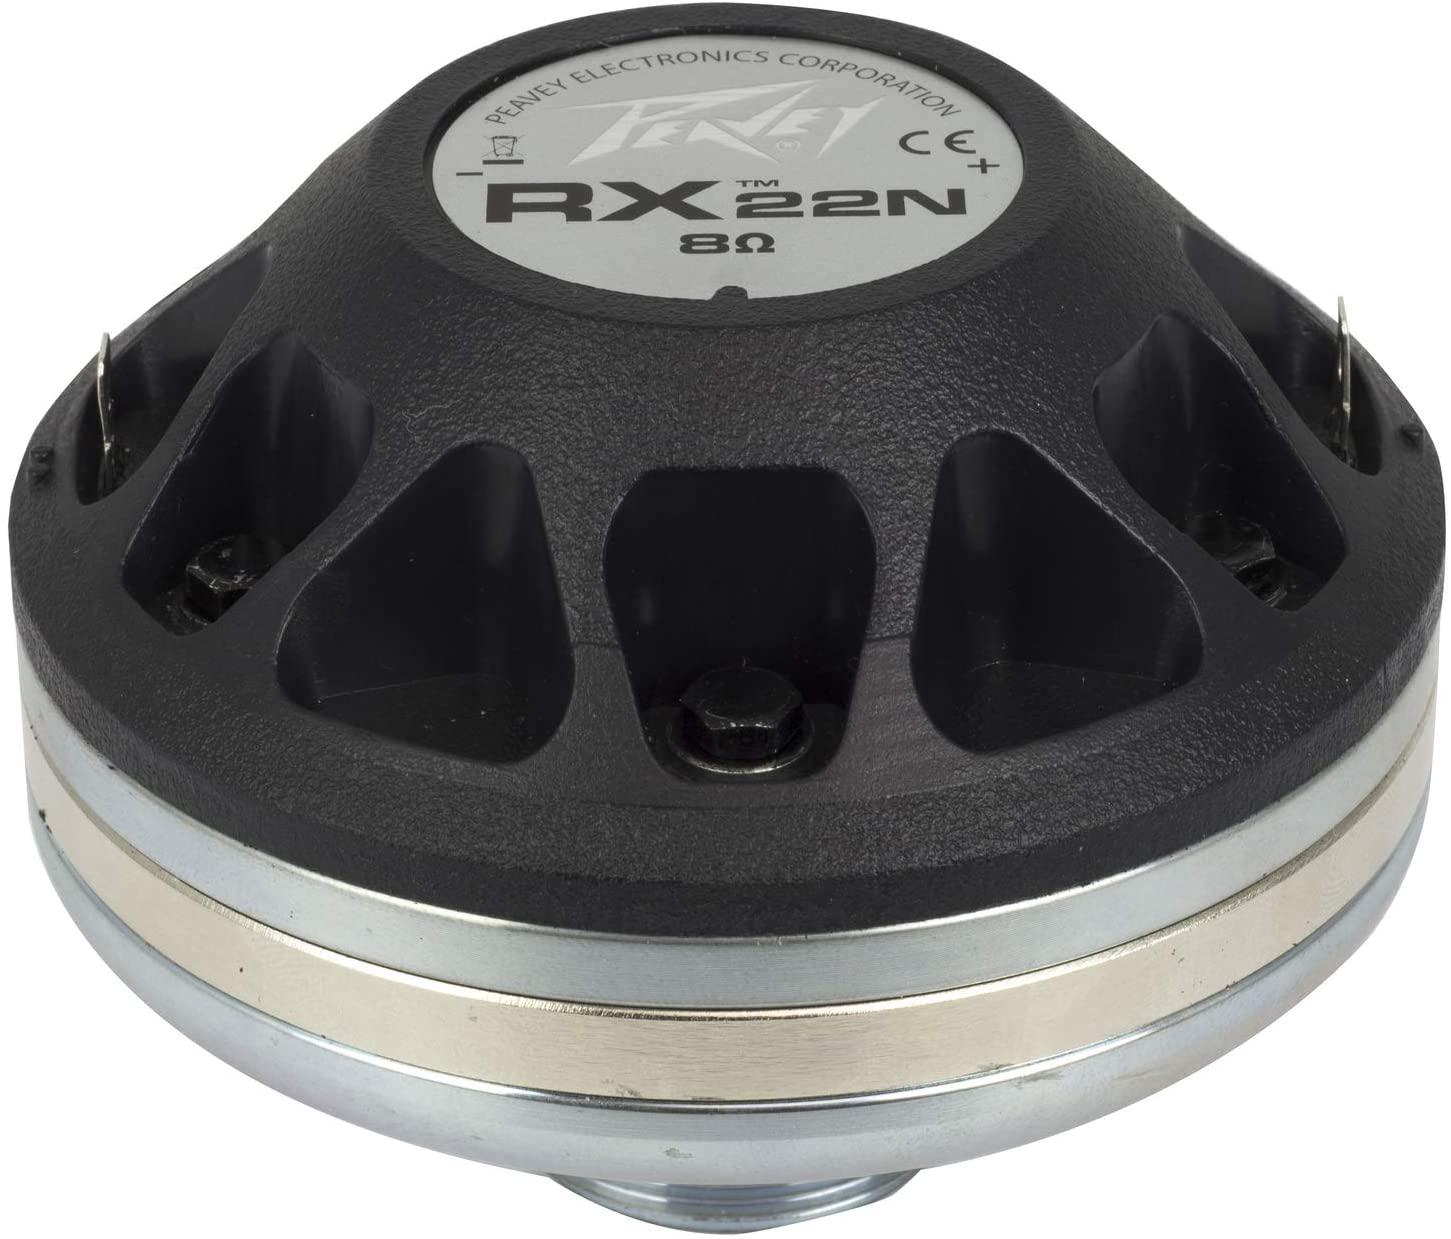 Peavey - RX 22 NEO HF DRIVER(アウトレット品)(交換用ドライバー)《e》【メーカー直送品・1〜2営業日でお届け可能です※メーカー休業日除く】